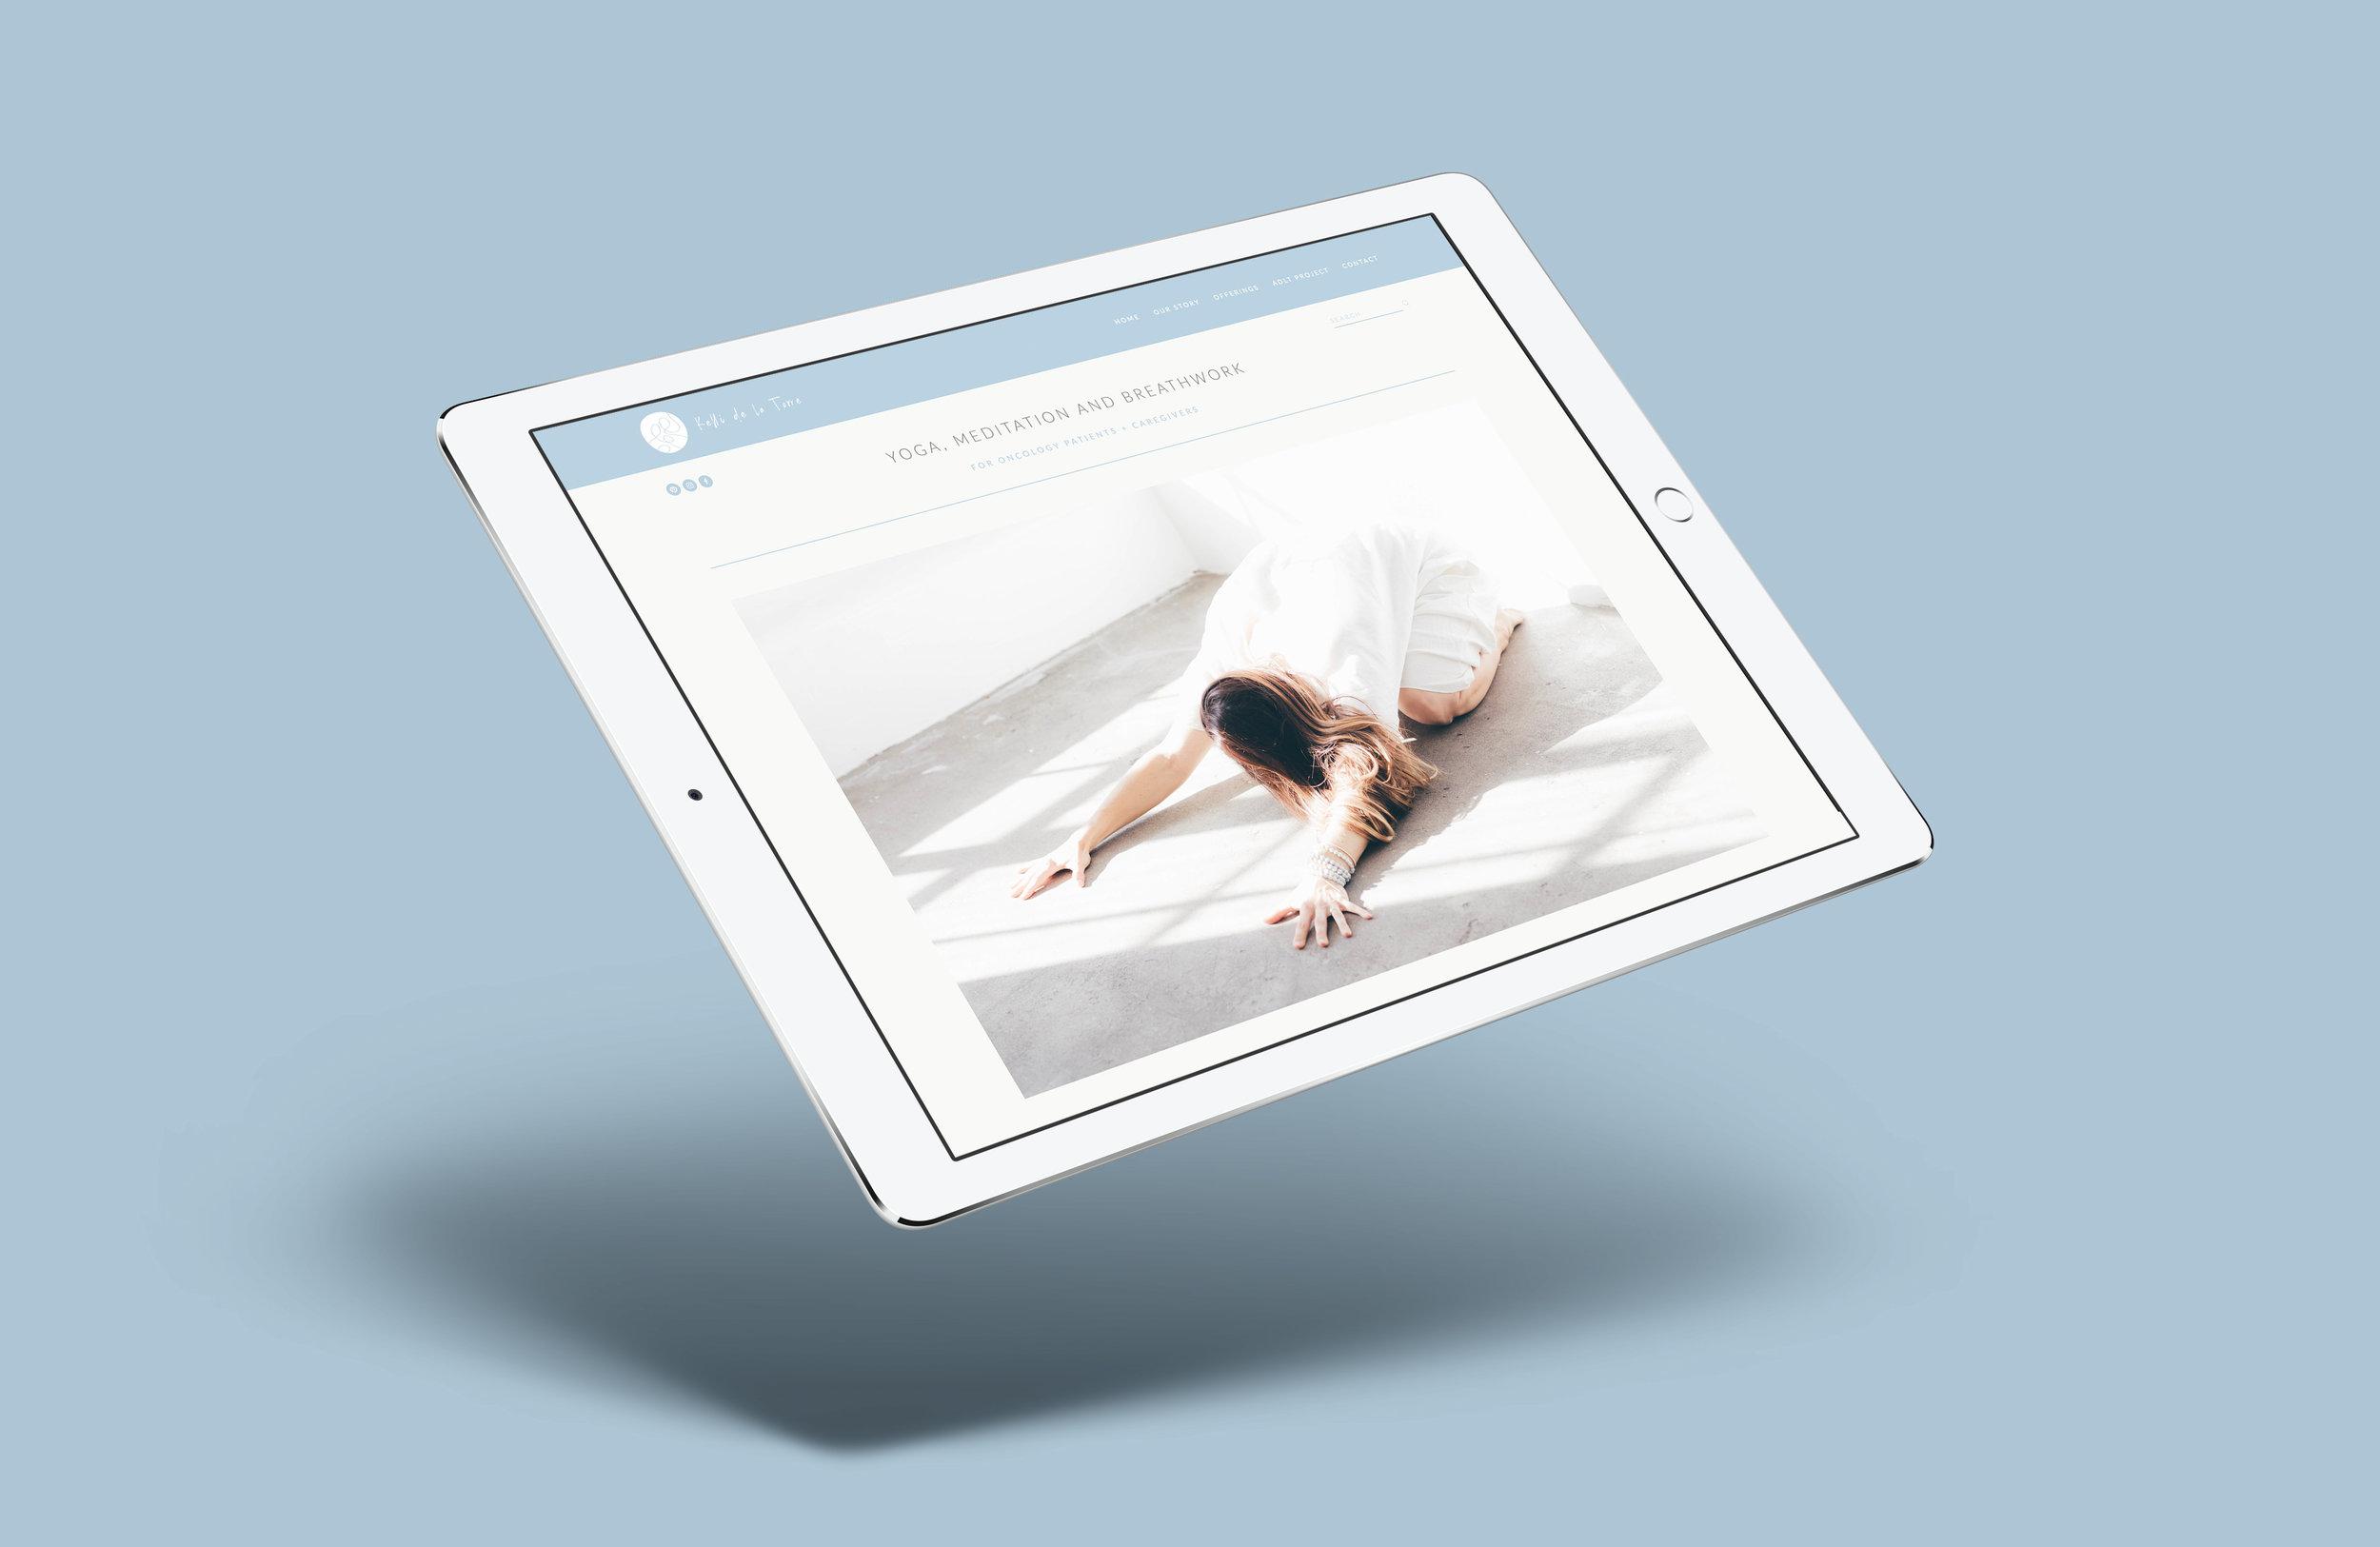 CANOPY_Kelli de la Torre_Branding_Website Design.jpg